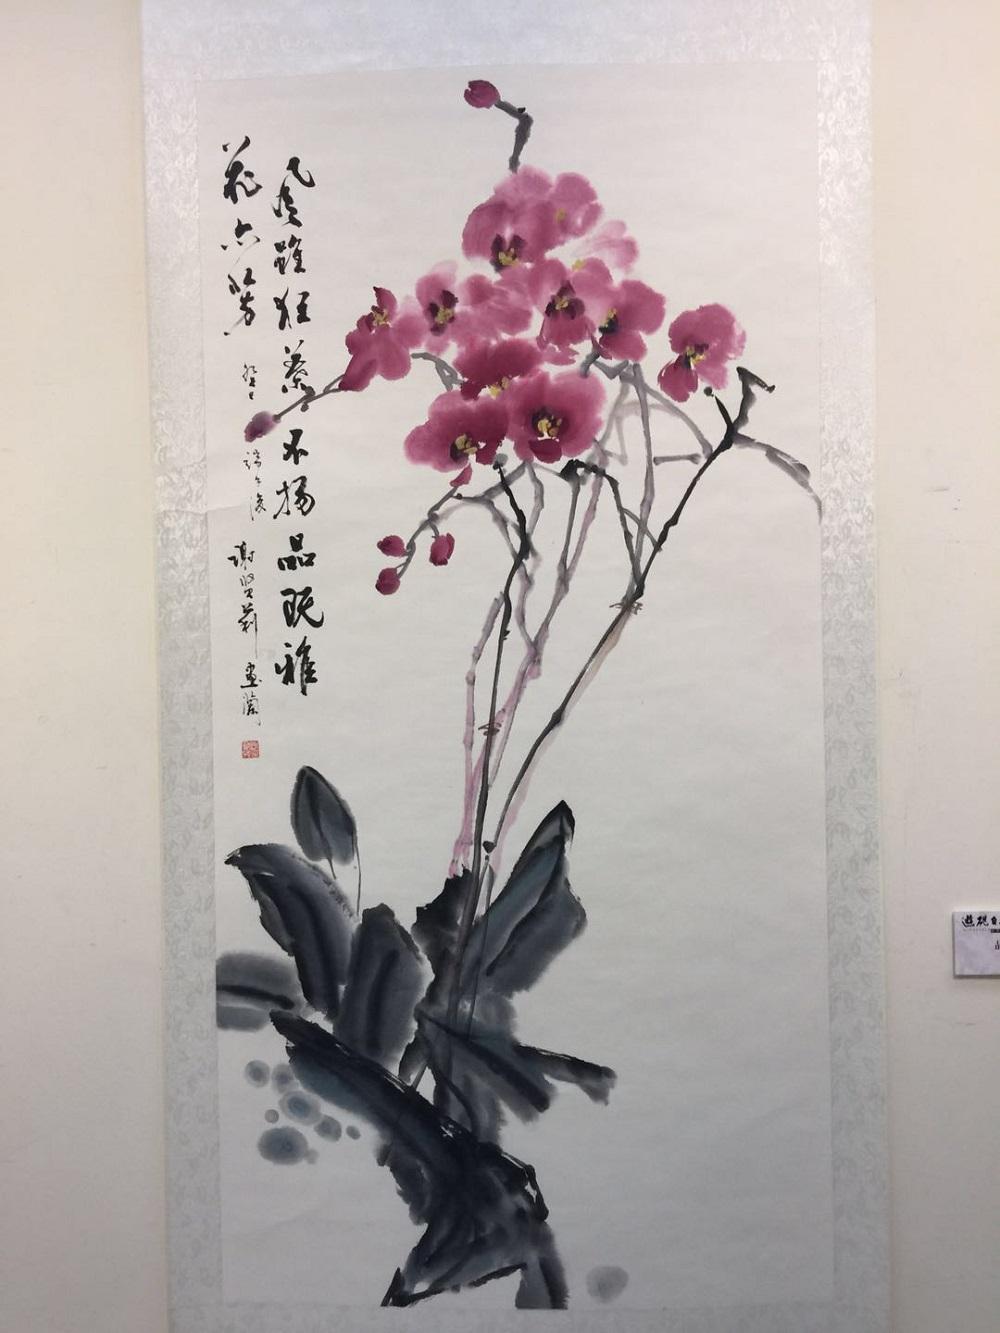 揮墨遊硯 畫出心中彩虹--專訪藝術家謝賢莉老師